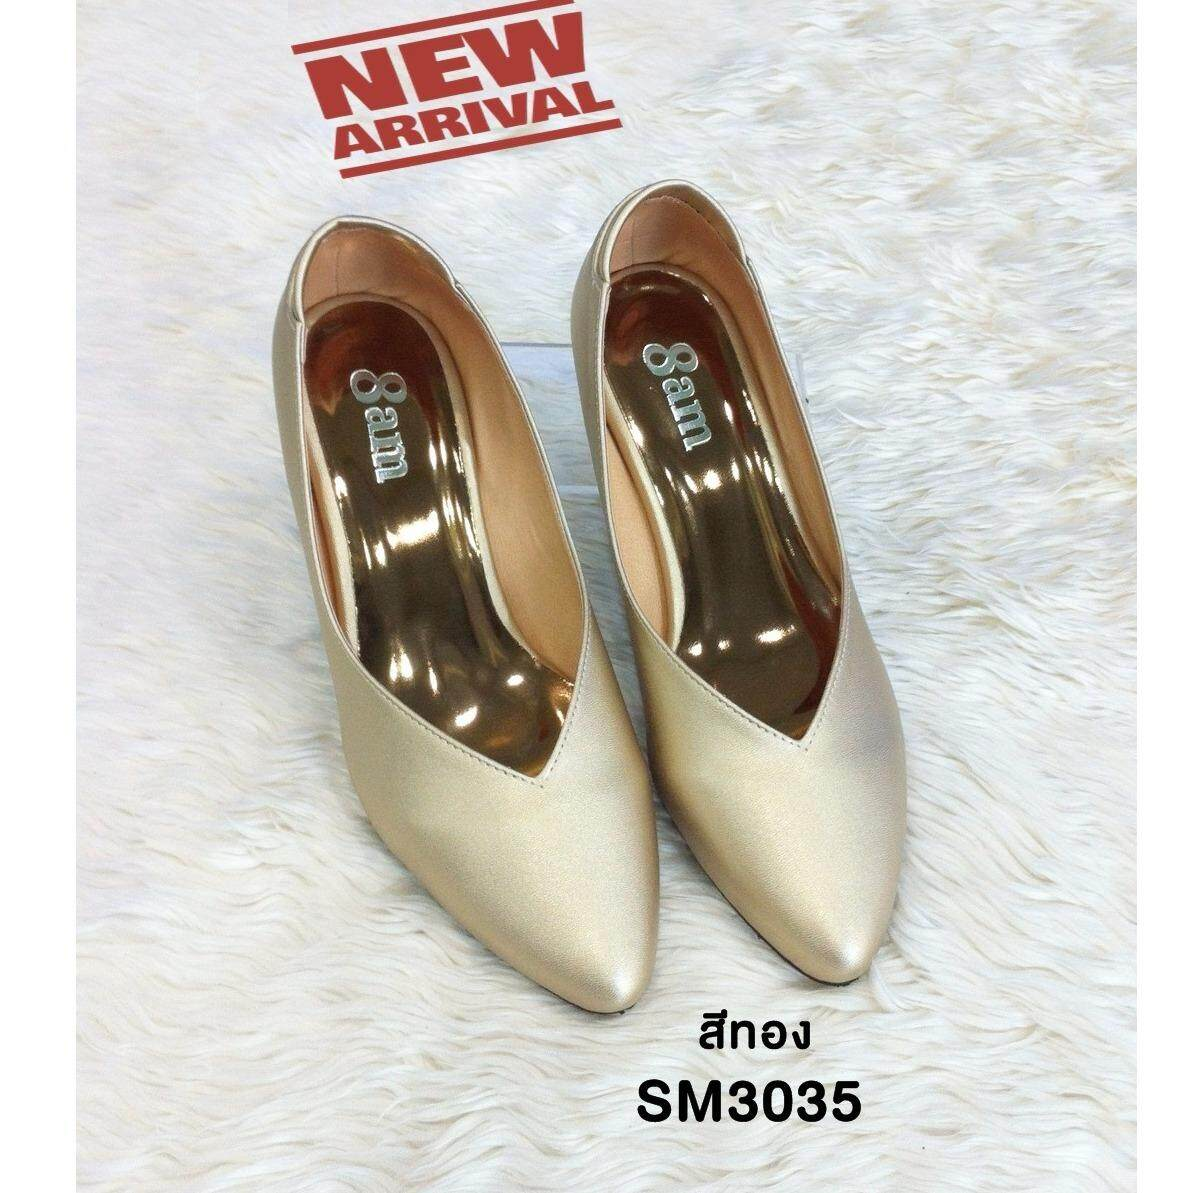 ราคา 8Am รองเท้าคัทชูส์หุ้มส้น รุ่น Sm3035 สีทอง 1ไซส์จากปรกติ 8Am กรุงเทพมหานคร